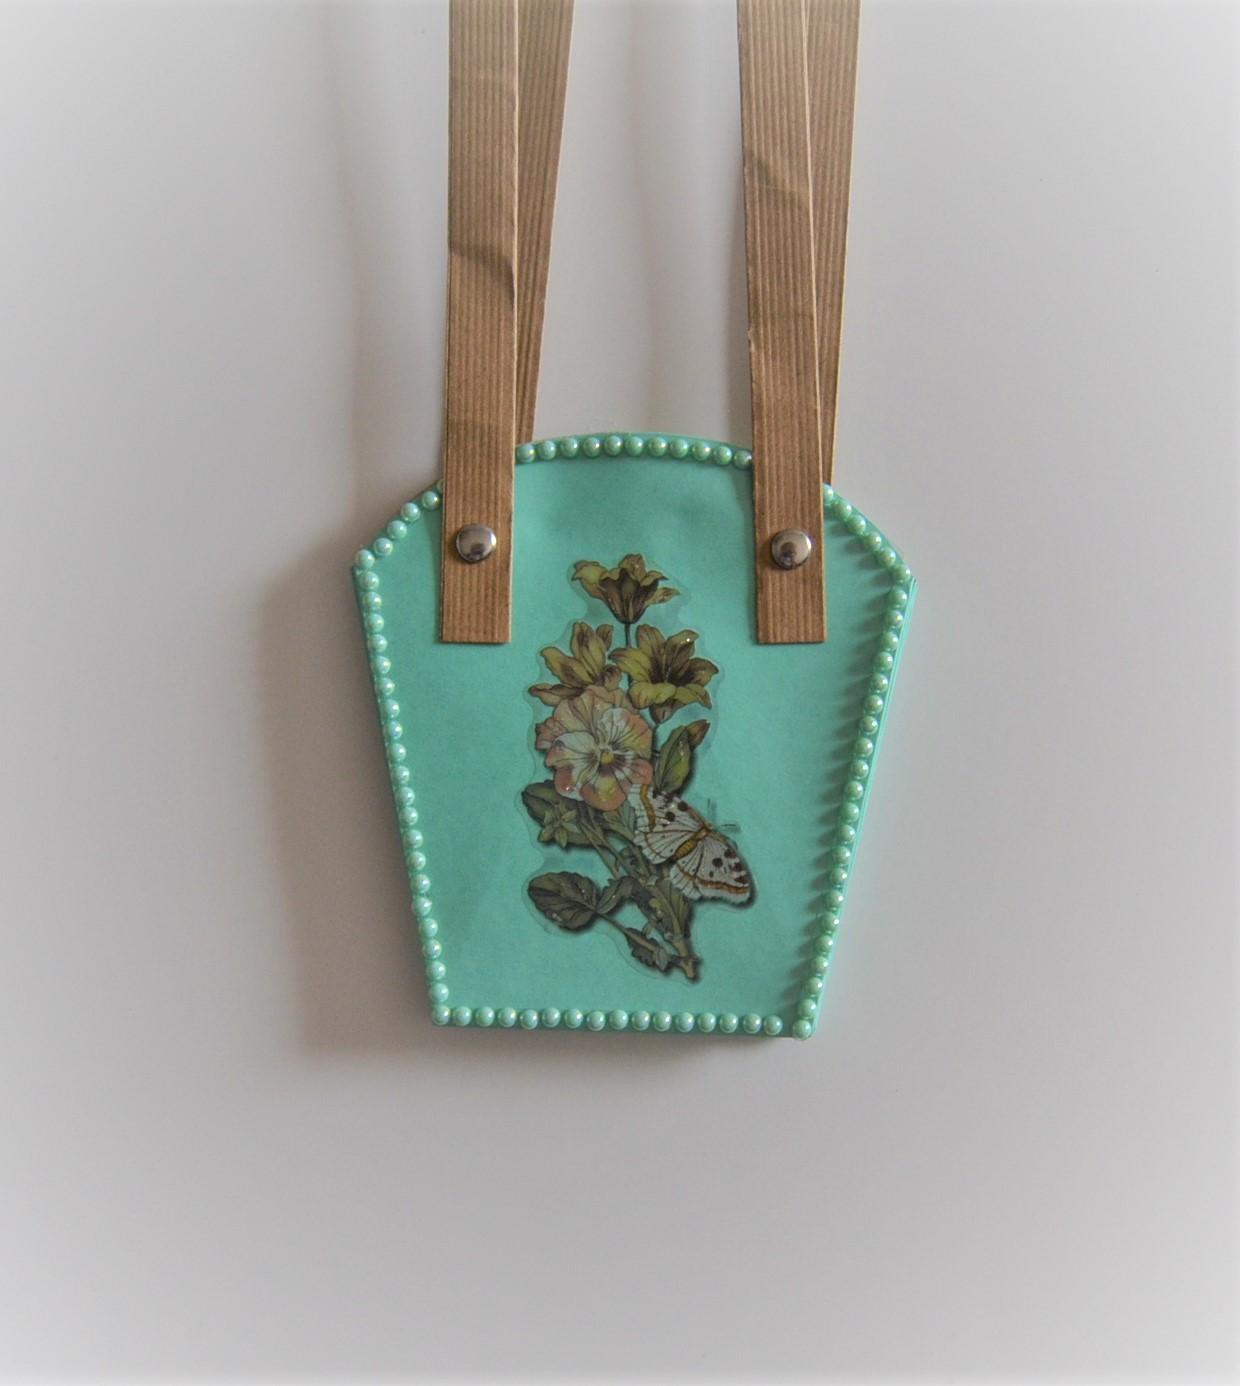 Geschenk-Tasche für Pflanzen klein mint